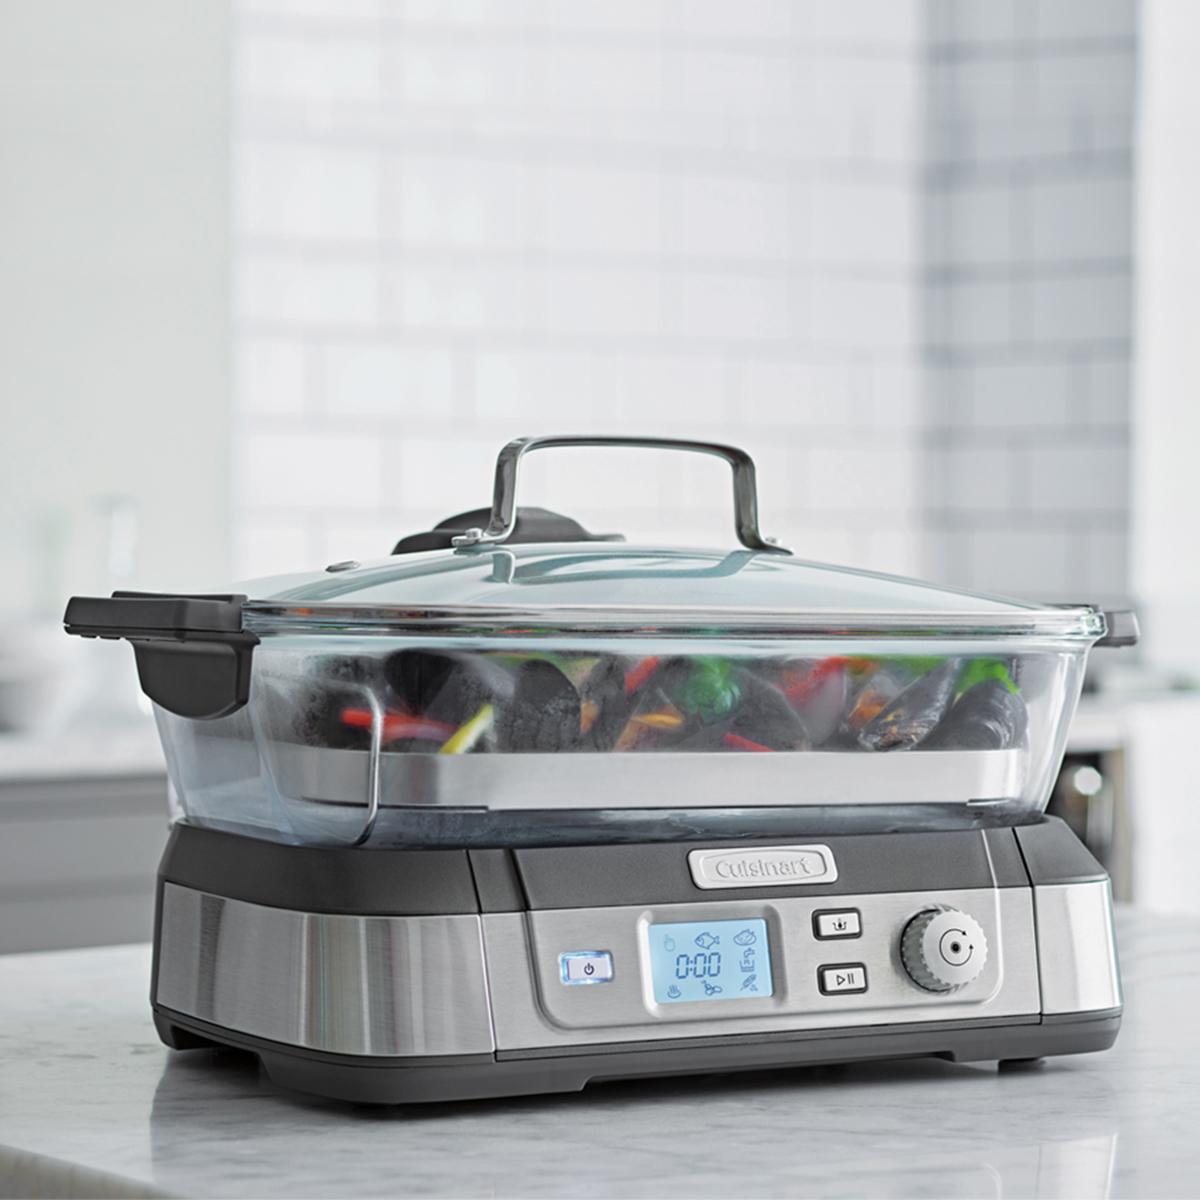 Cuisinart 美膳雅玻璃蒸鮮鍋 (STM-1000TW)